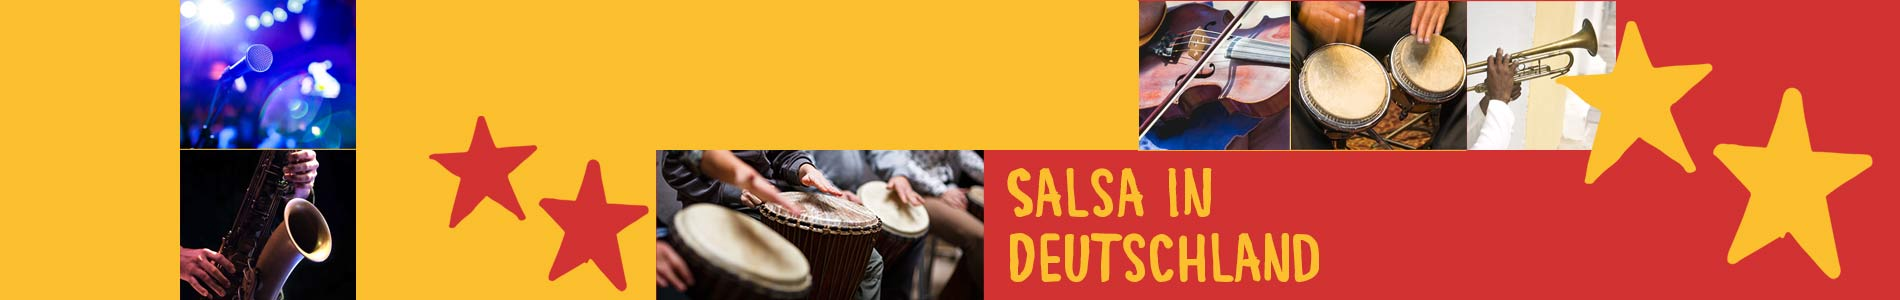 Salsa in Bornhöved – Salsa lernen und tanzen, Tanzkurse, Partys, Veranstaltungen